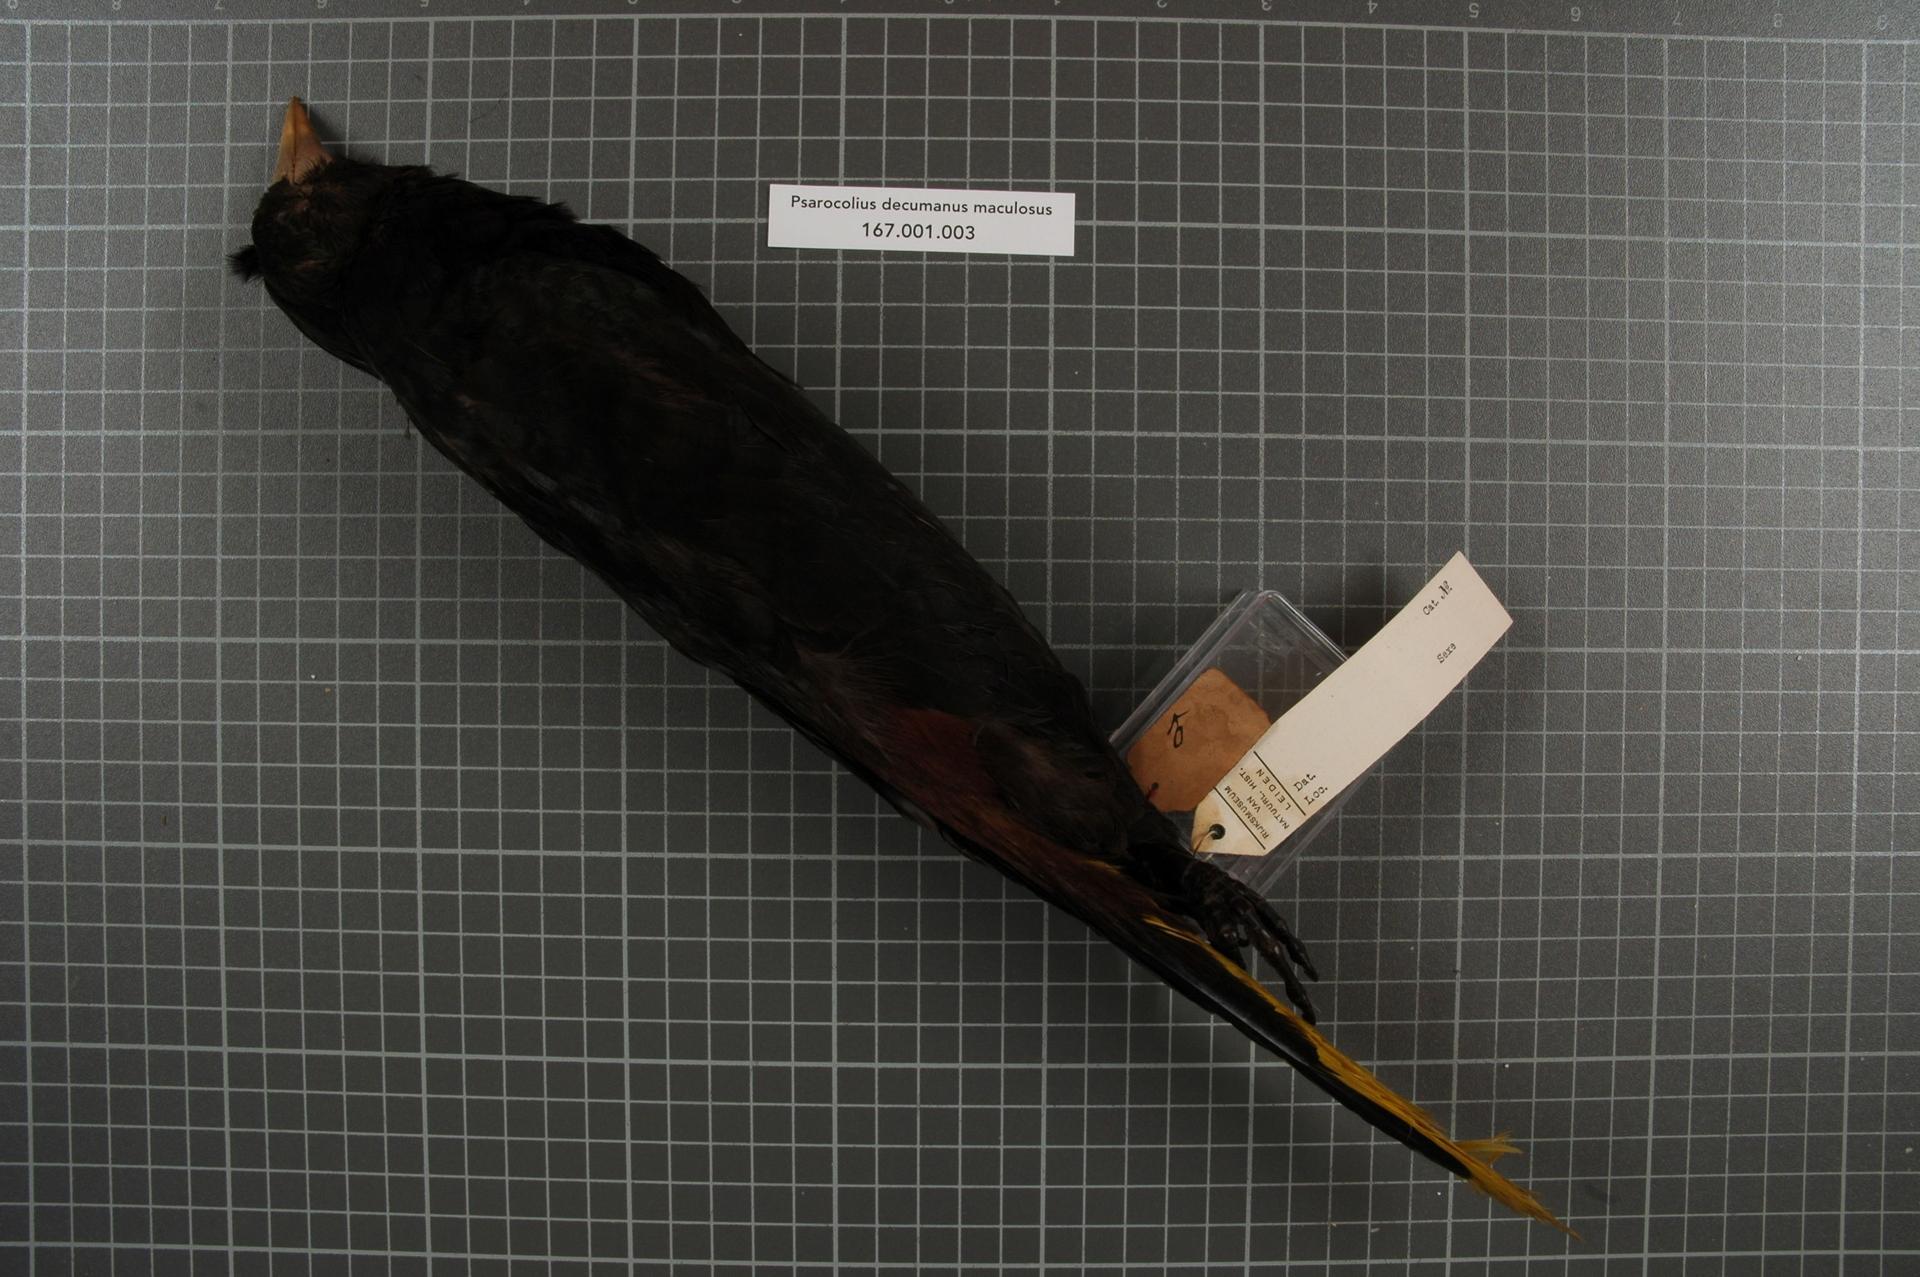 File:Naturalis Biodiversity Center - RMNH.AVES.153247 2 - Psarocolius  decumanus maculosus